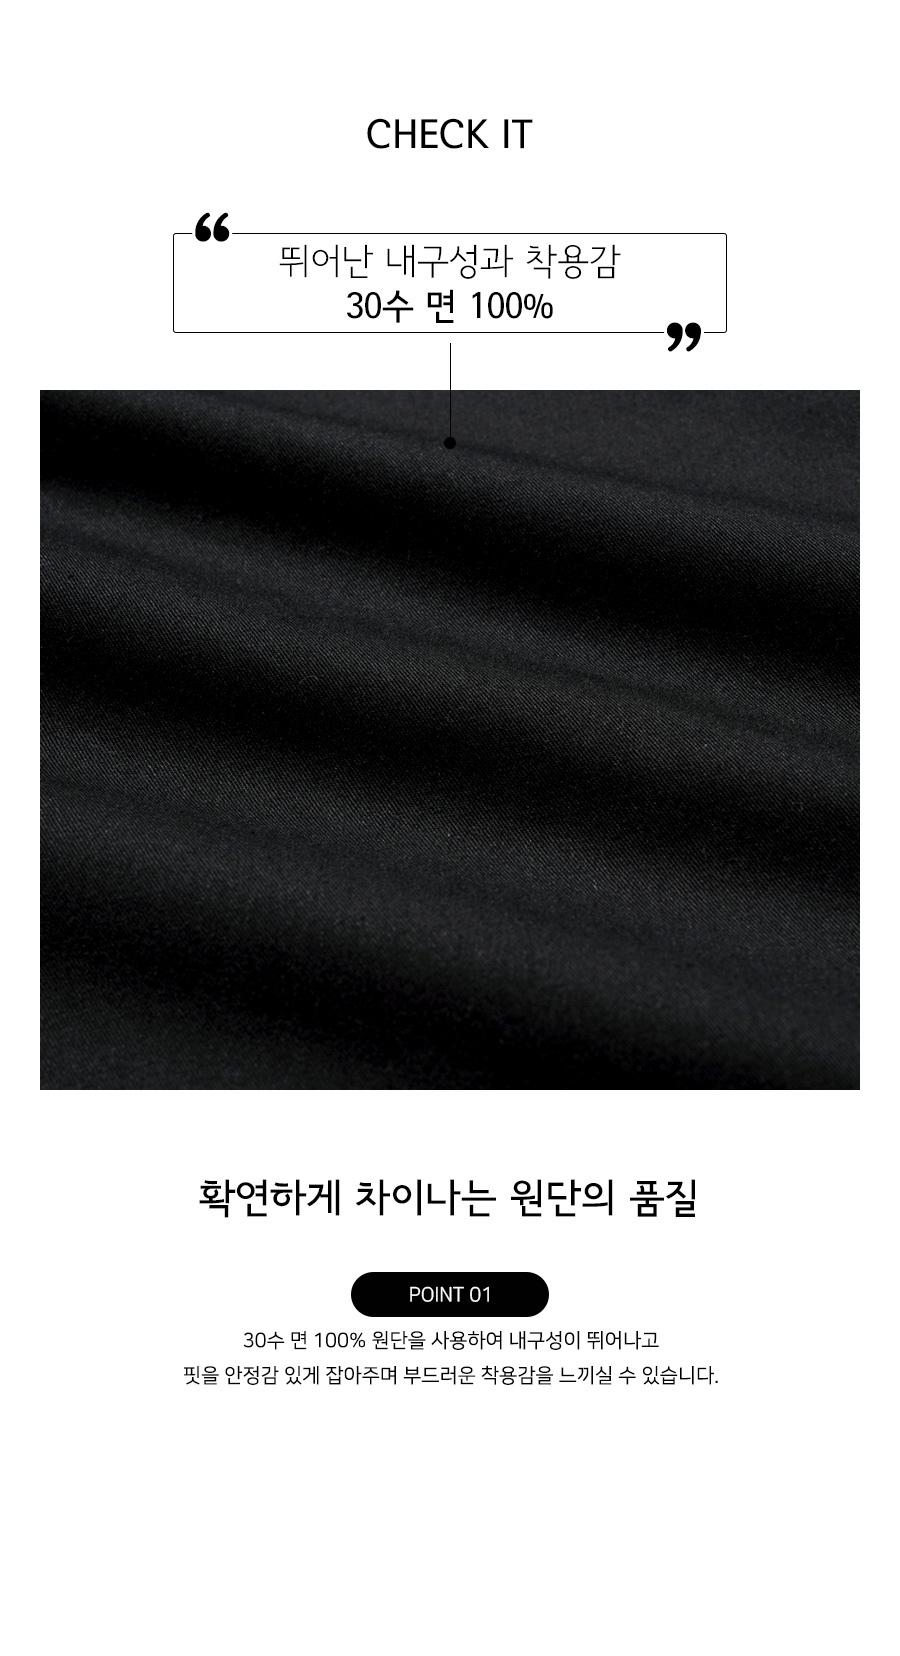 4420_info_black_de.jpg